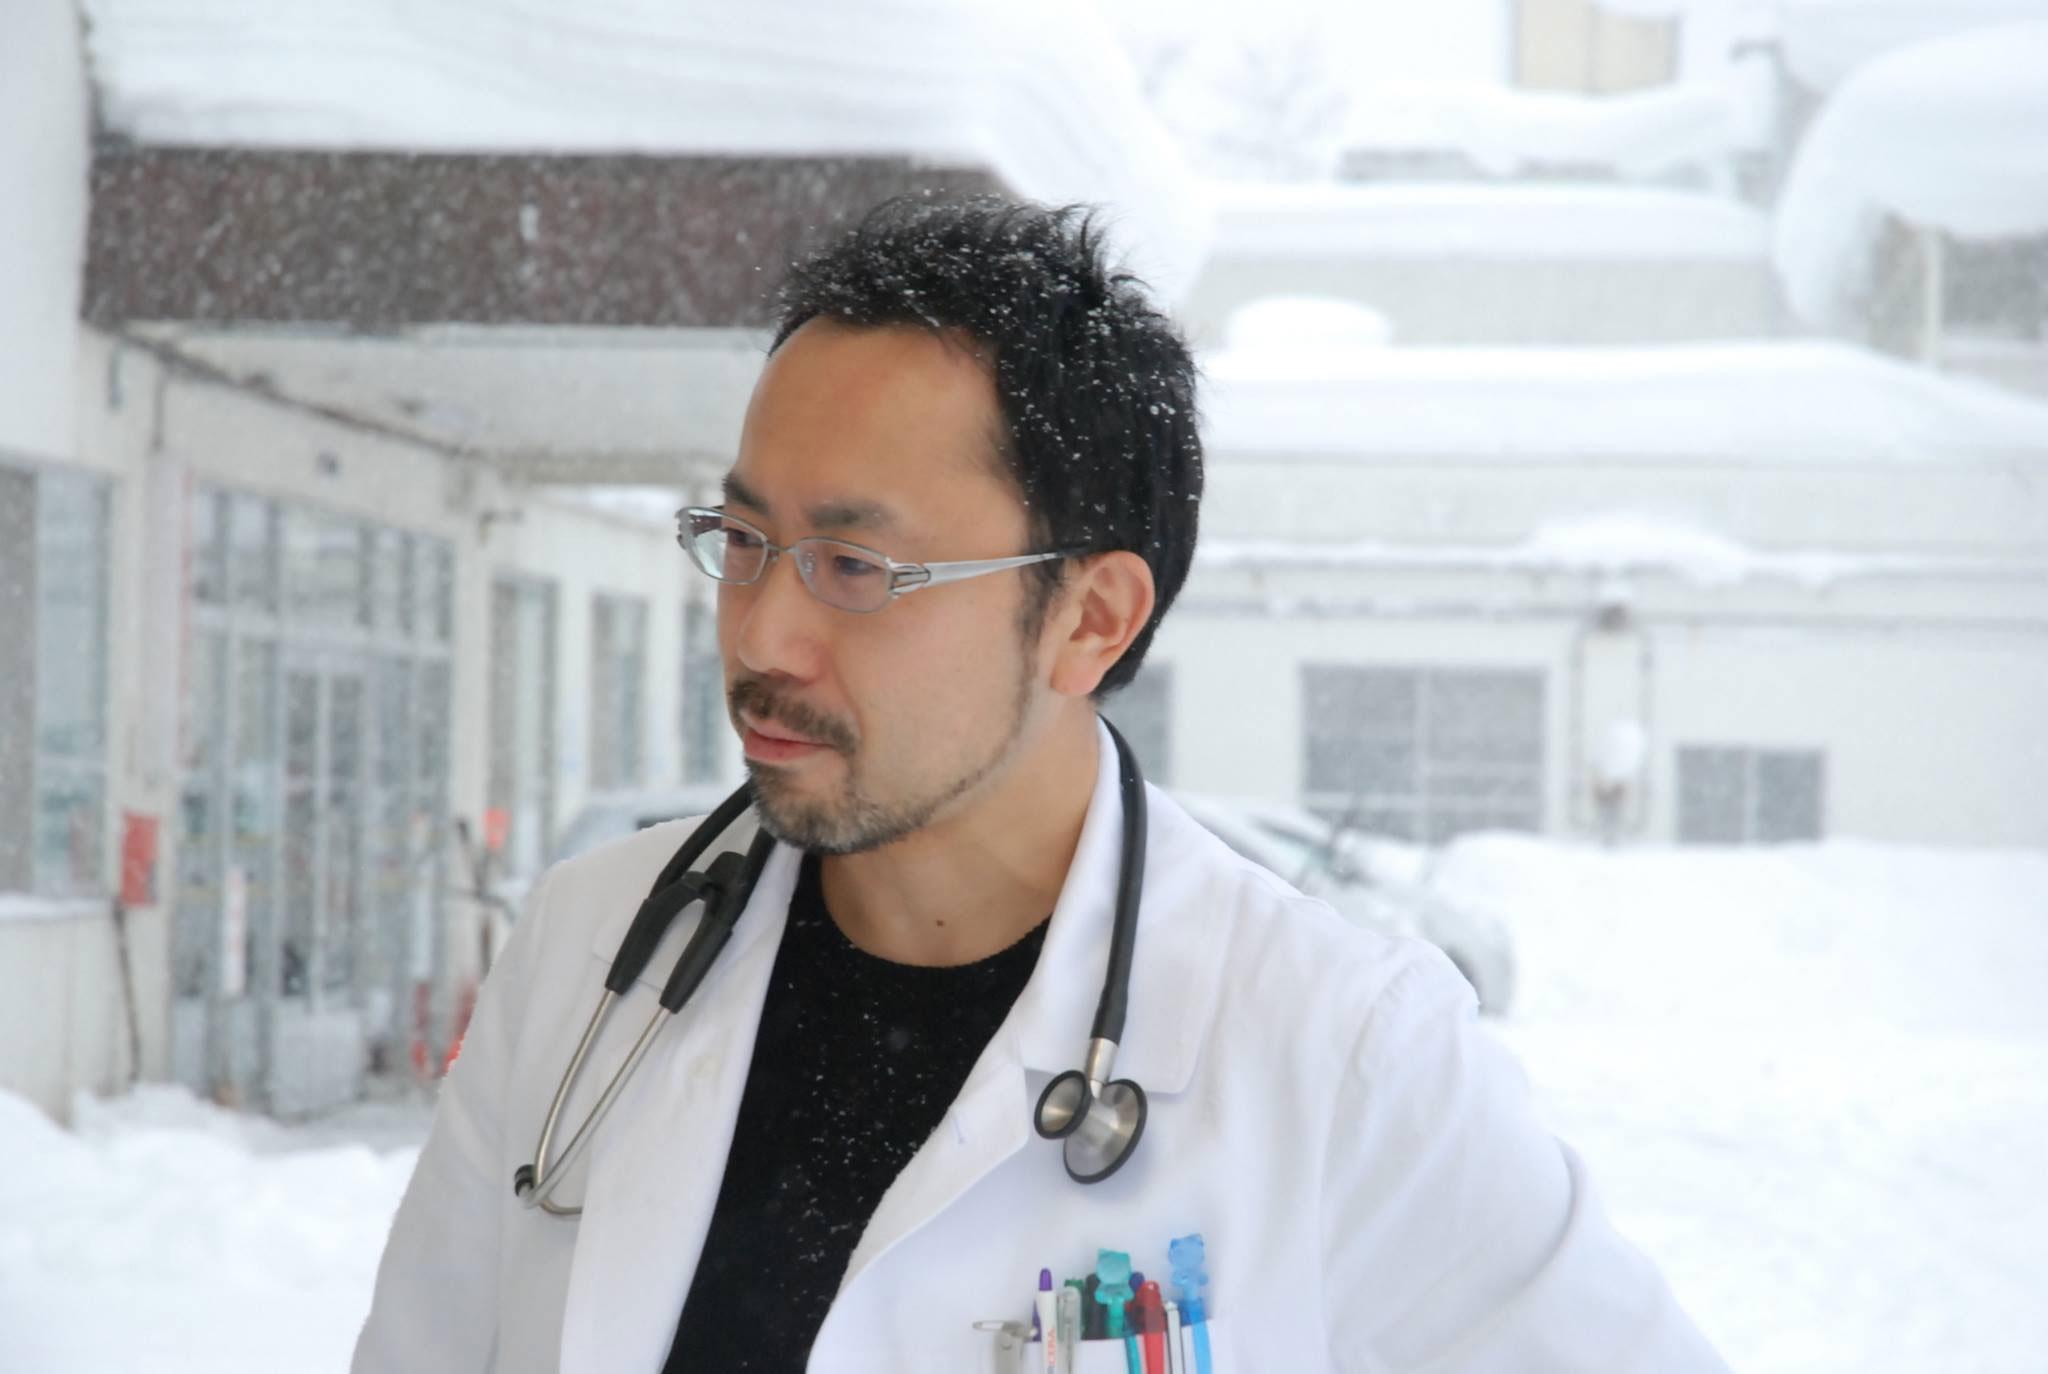 加藤忠相氏との出会いから生まれた本「あおいけあ流 介護の世界」とは